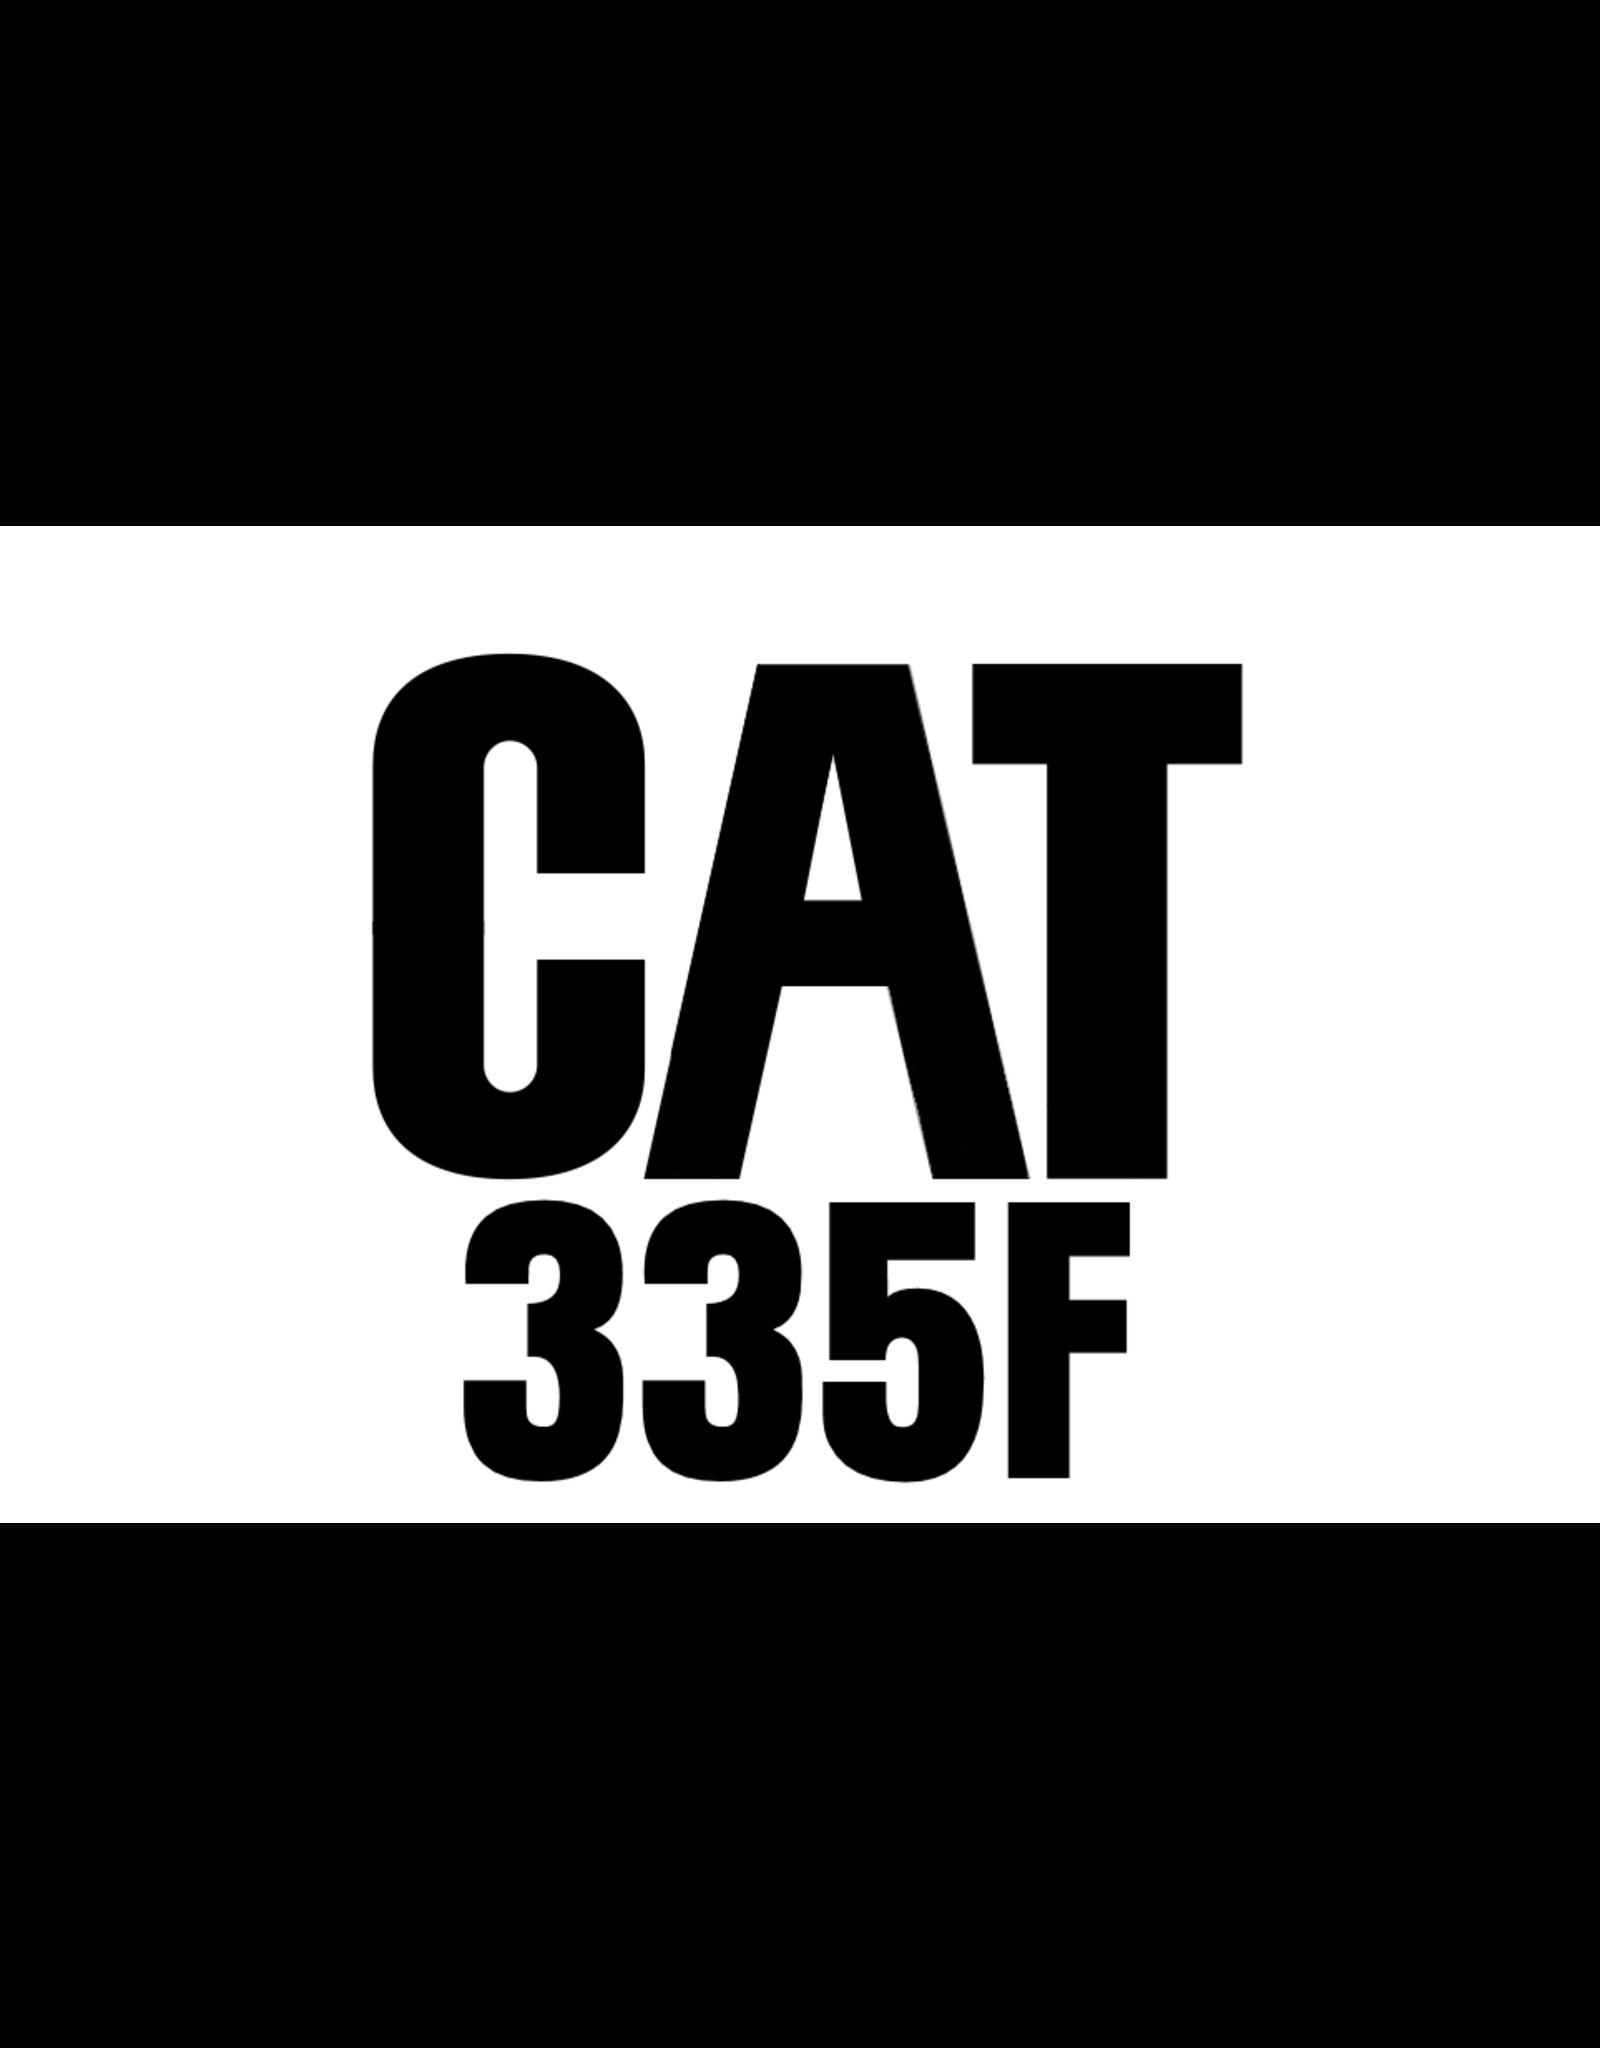 Echle Hartstahl GmbH FOPS für CAT 335F